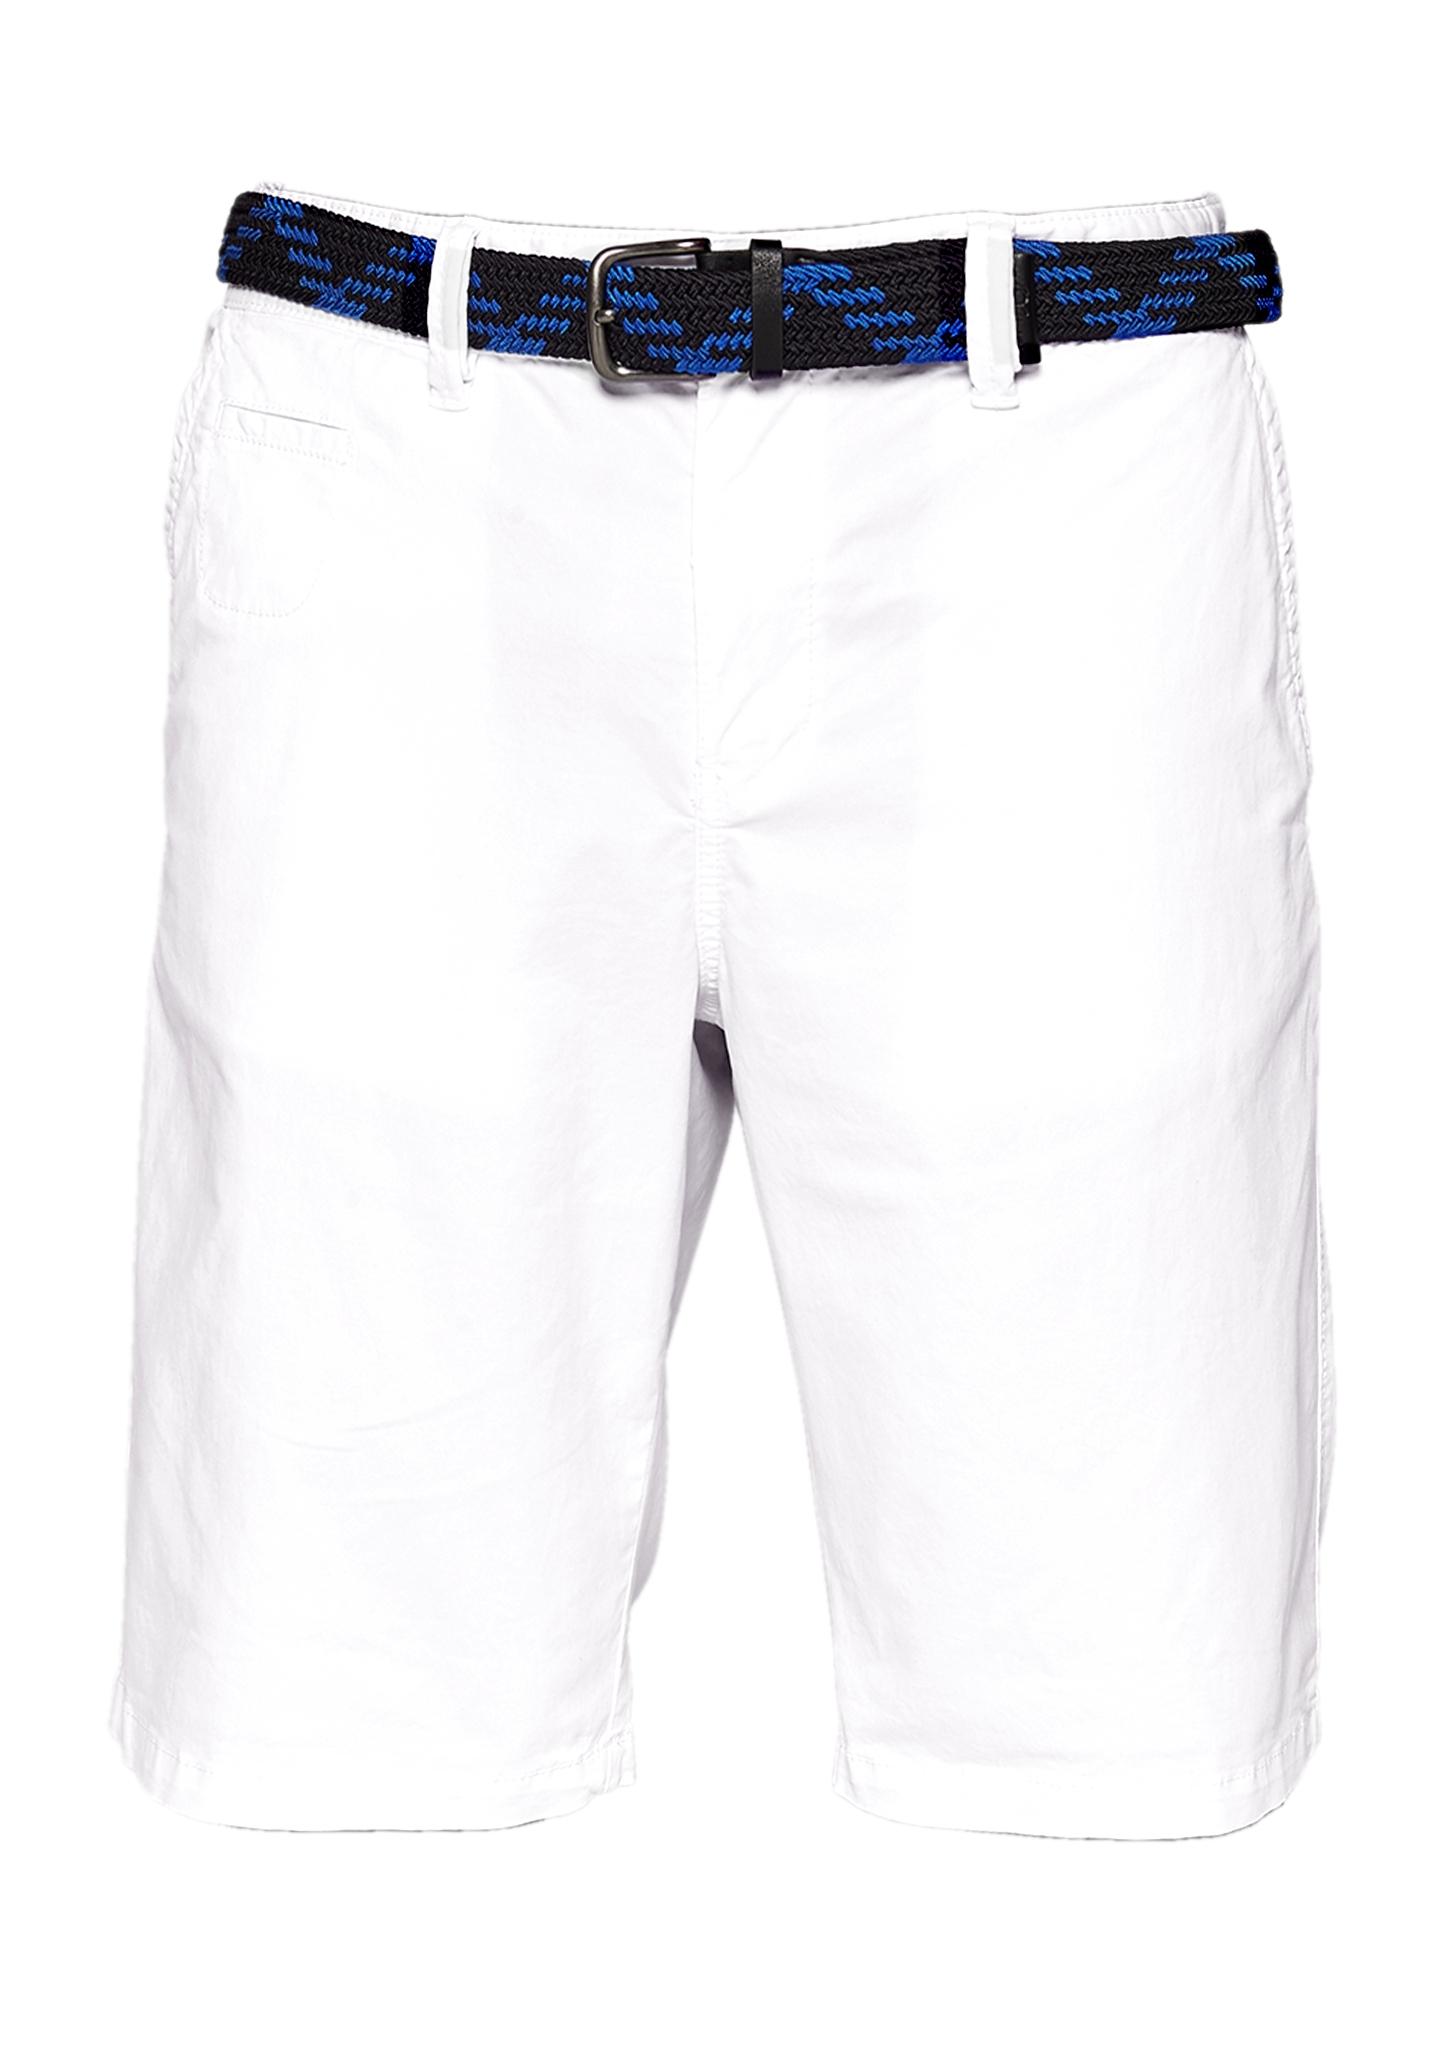 Bermudashorts   Bekleidung > Shorts & Bermudas > Bermudas   Weiß   Oberstoff: 98% baumwolle -  2% elasthan  futter: 100% baumwolle   s.Oliver Men Big Sizes